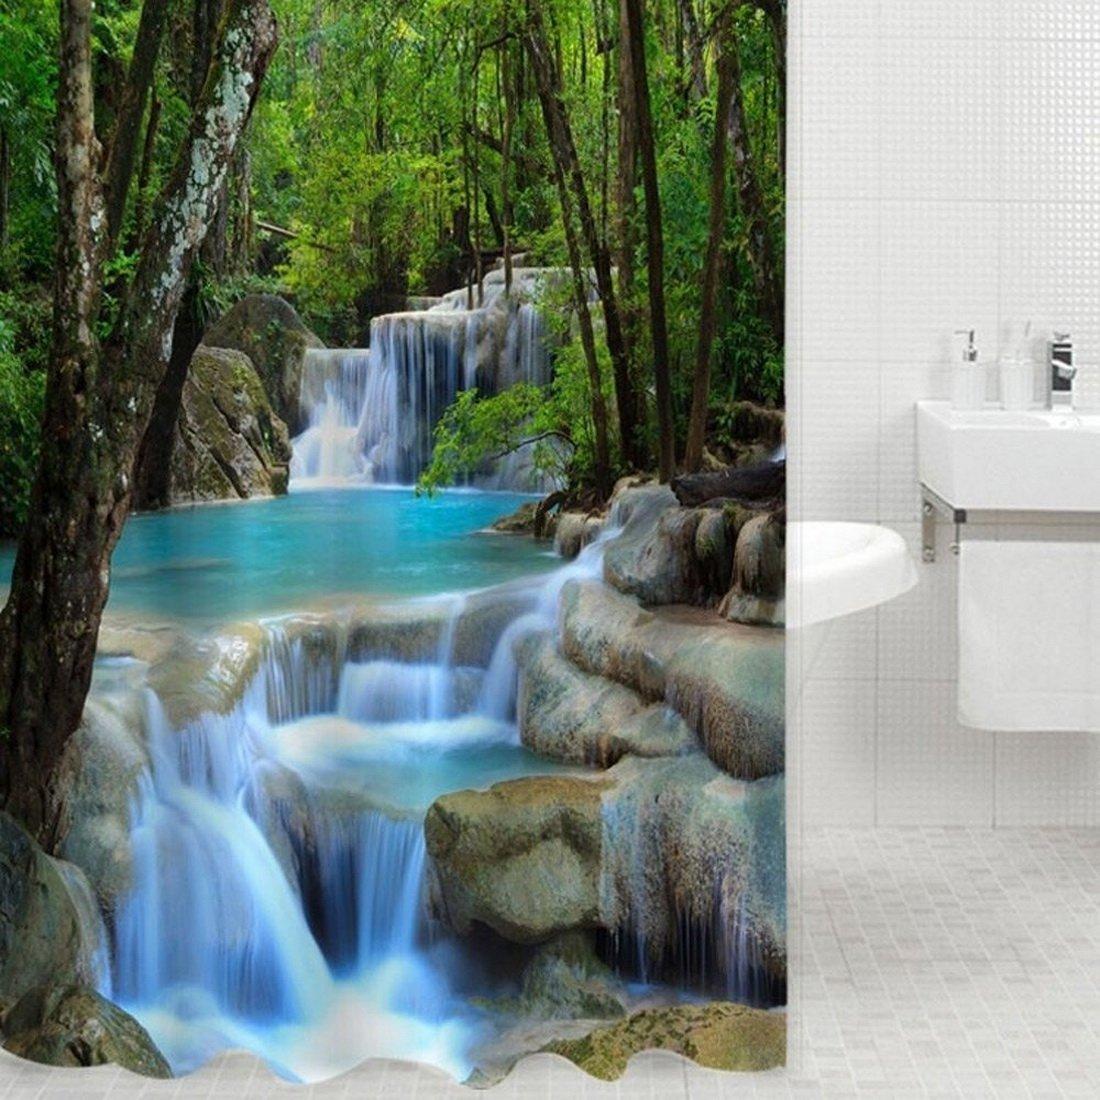 Hoomall 3d cascata bagno doccia tenda blu acqua albero verde bosco pietra paesaggio tenda da doccia poliestere impermeabile Bagno Tenda moon it